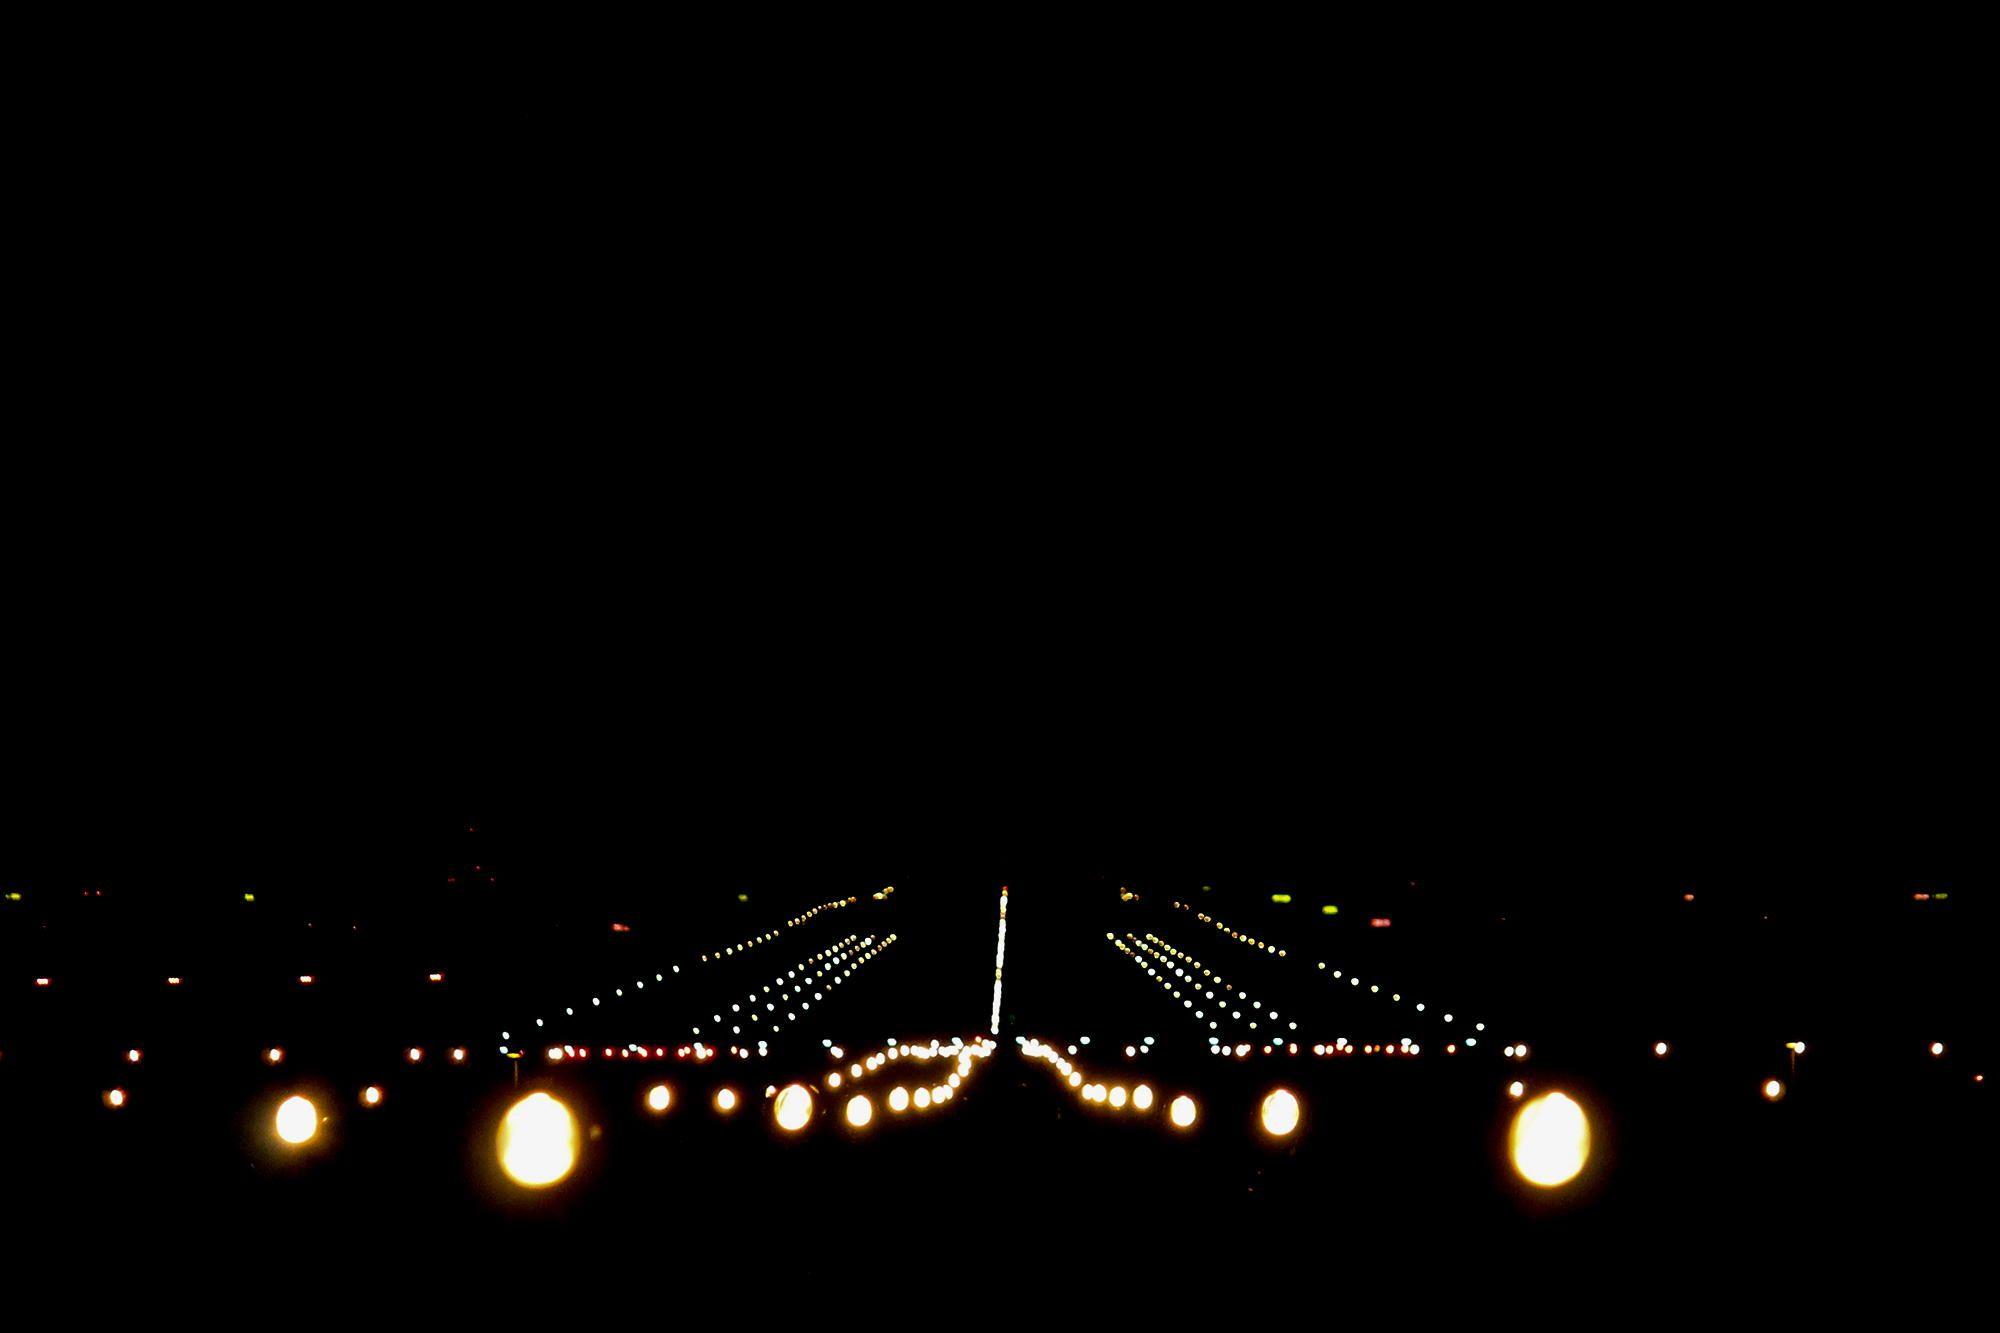 Copenhagen Airport Runway 22l At Night By Michael Lauritsen S